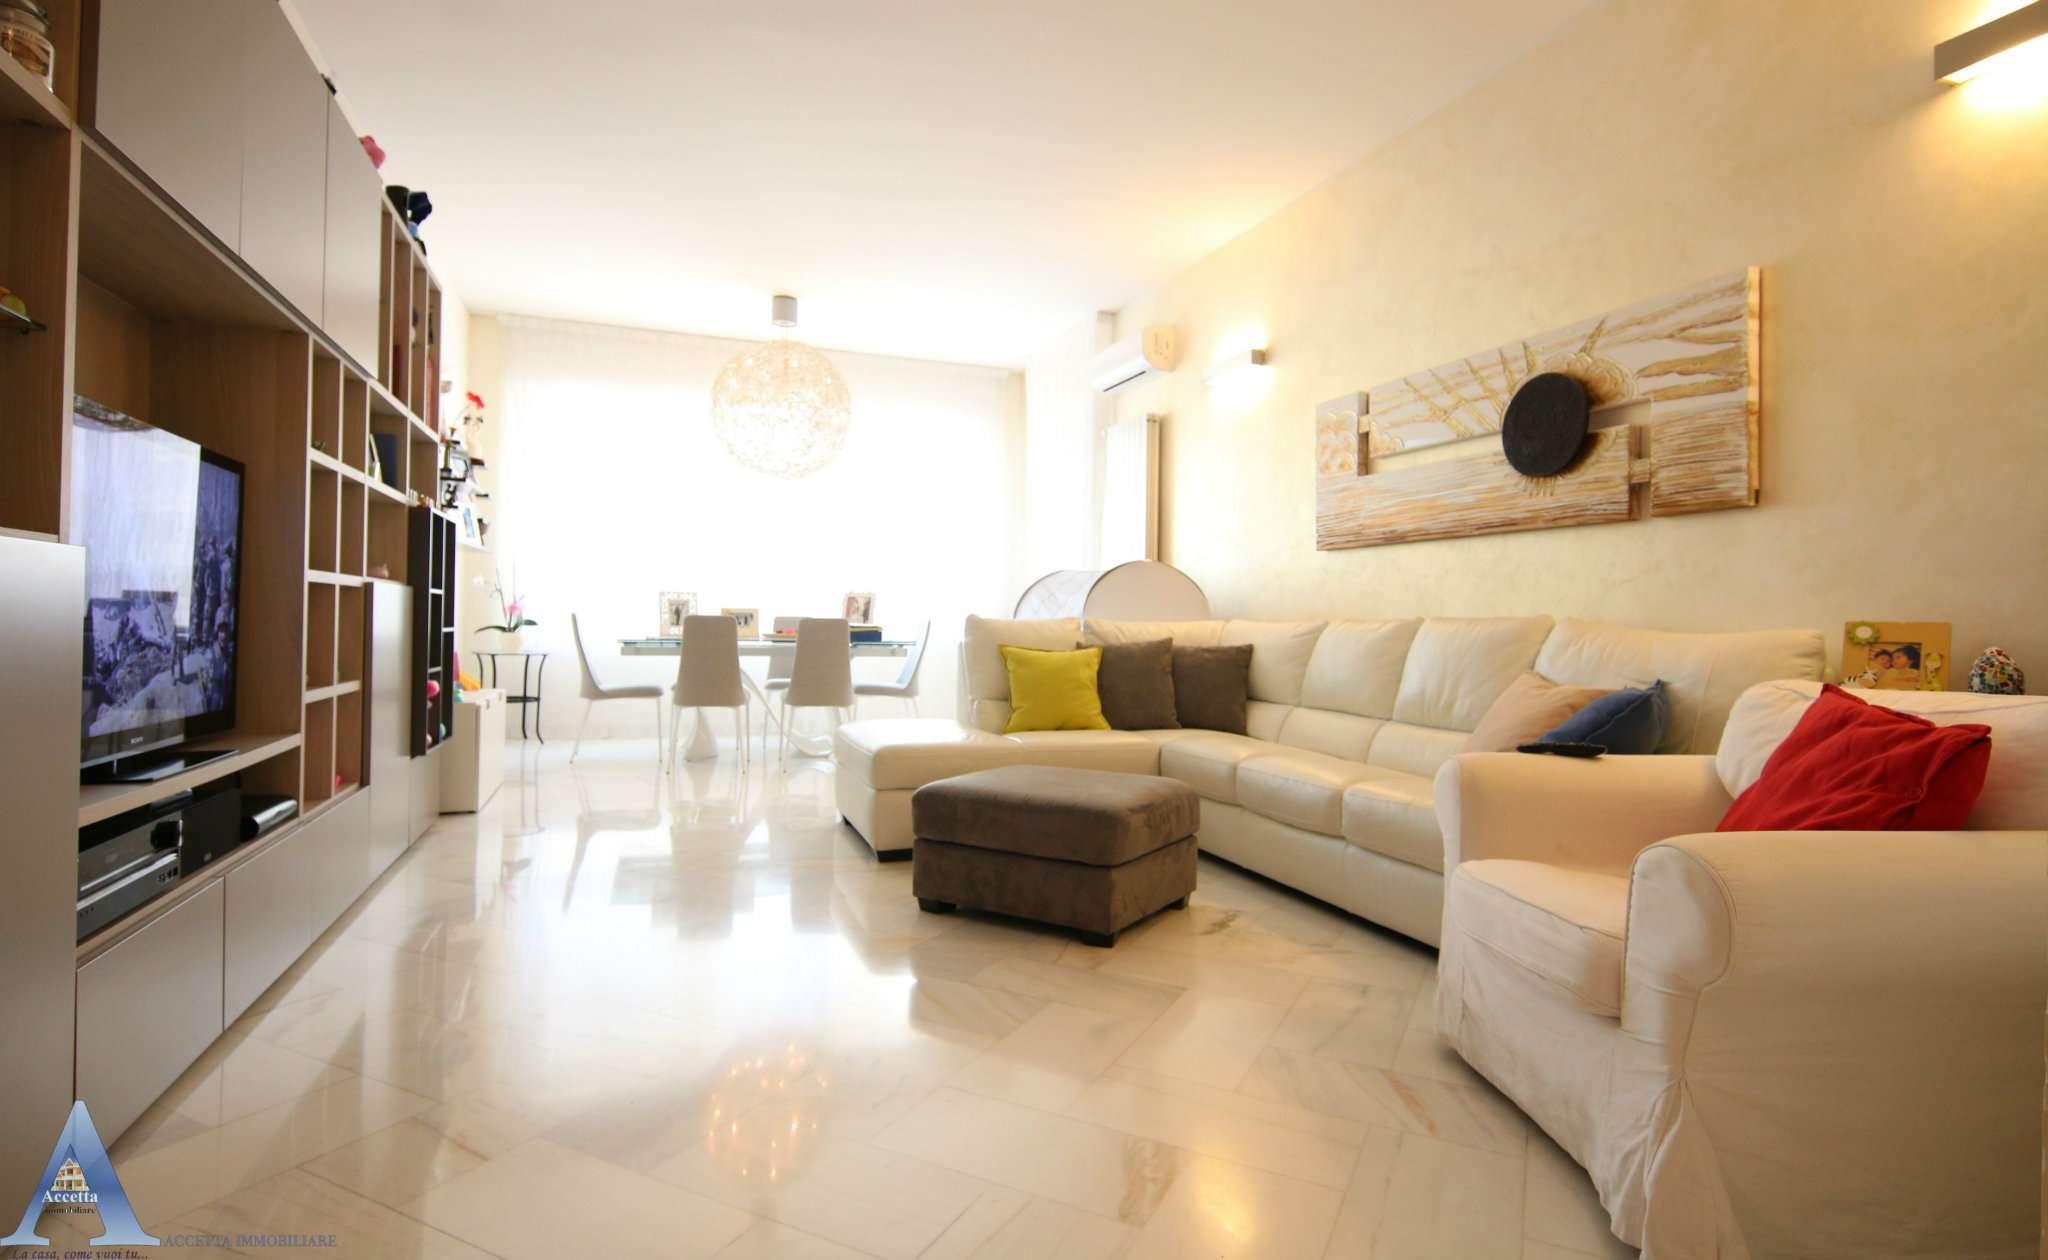 Appartamento in vendita a Taranto, 3 locali, prezzo € 142.000 | CambioCasa.it